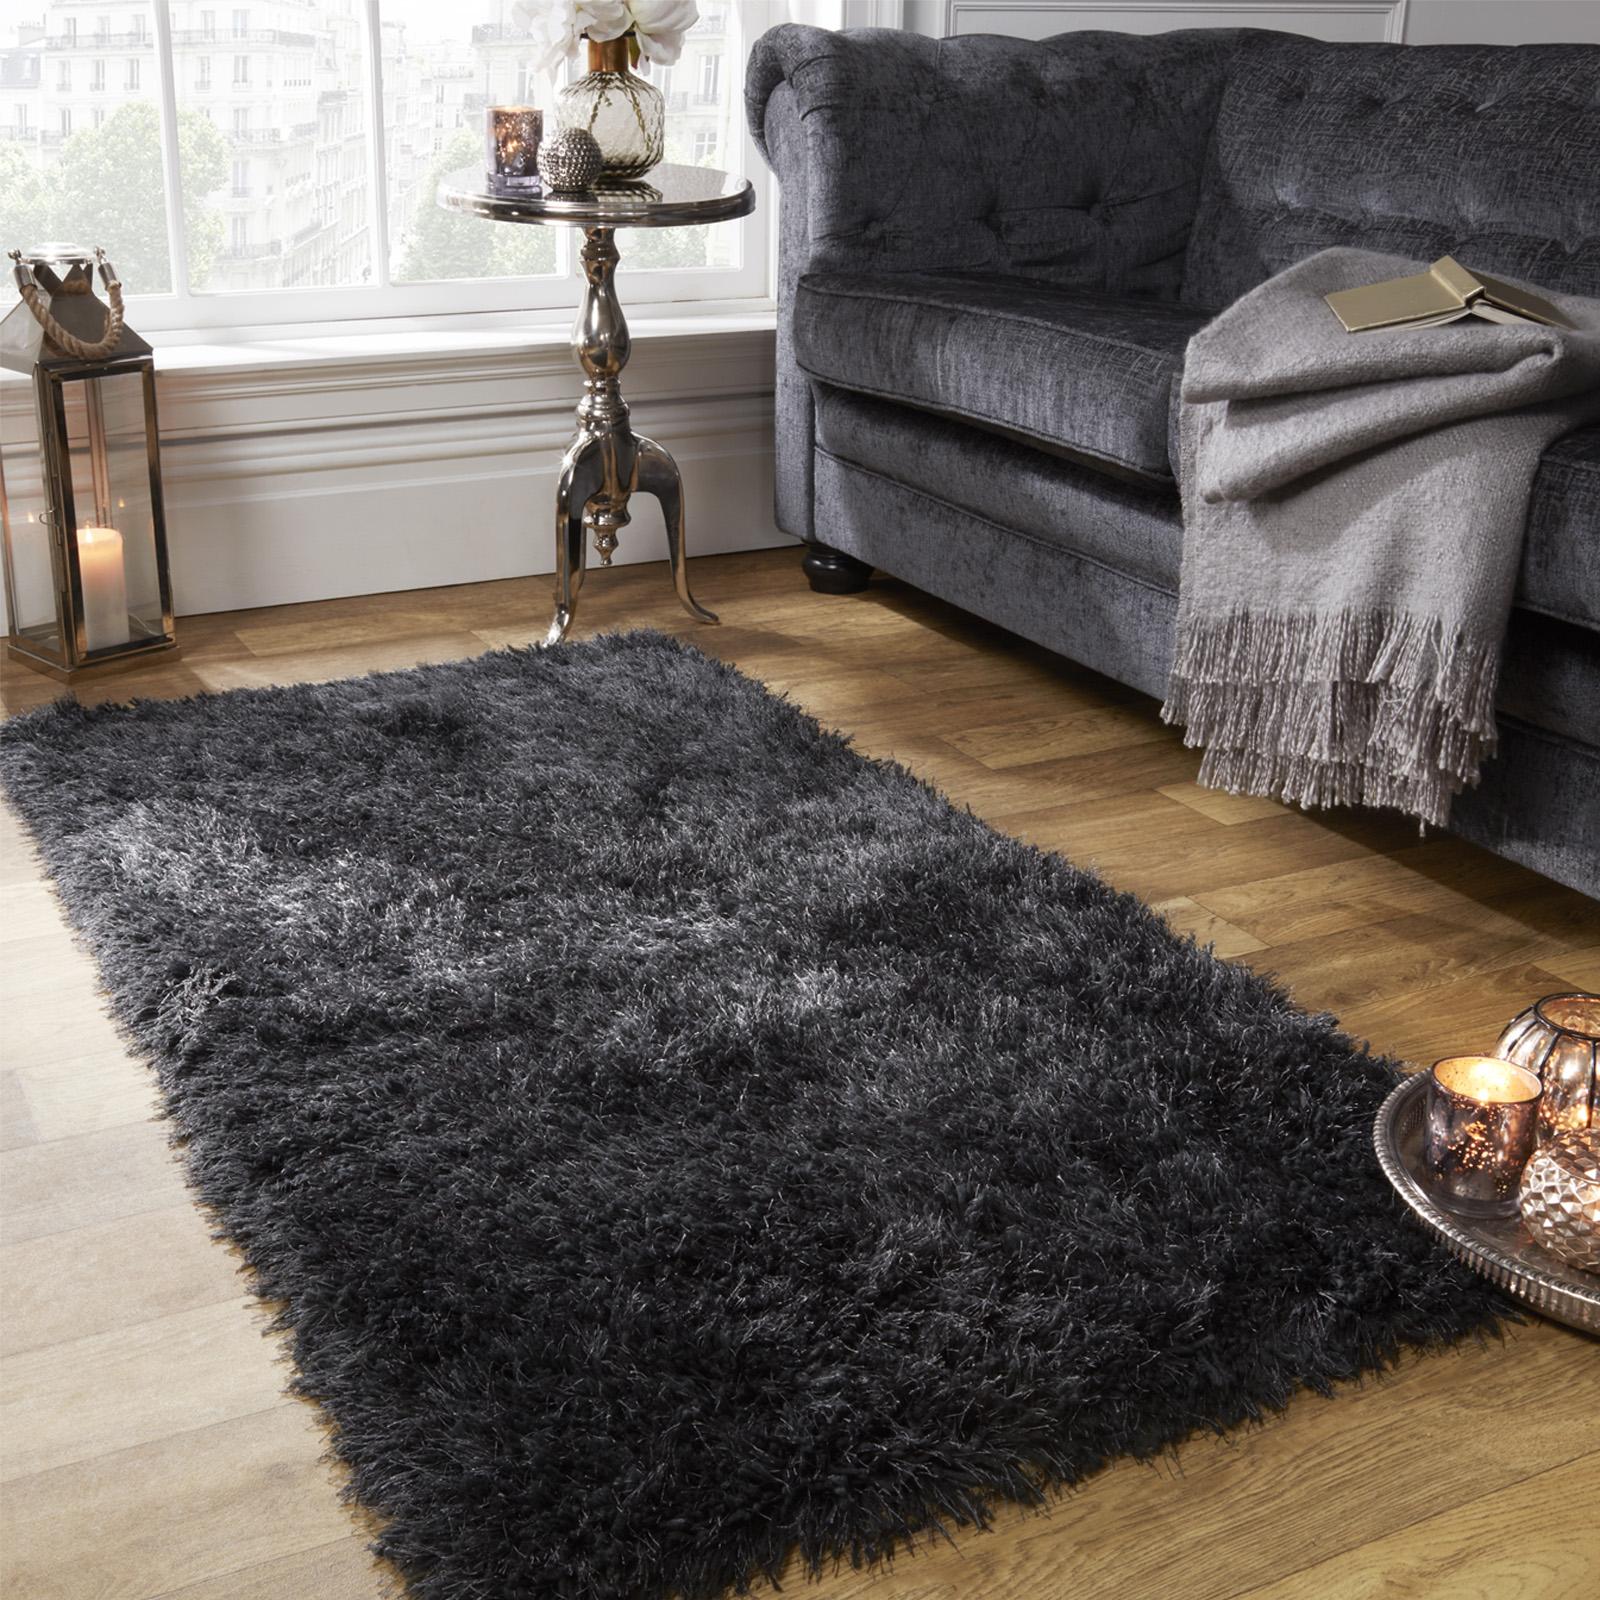 Floor rug sienna-large-shaggy-floor-rug-plain-soft-sparkle- GBVSWTY